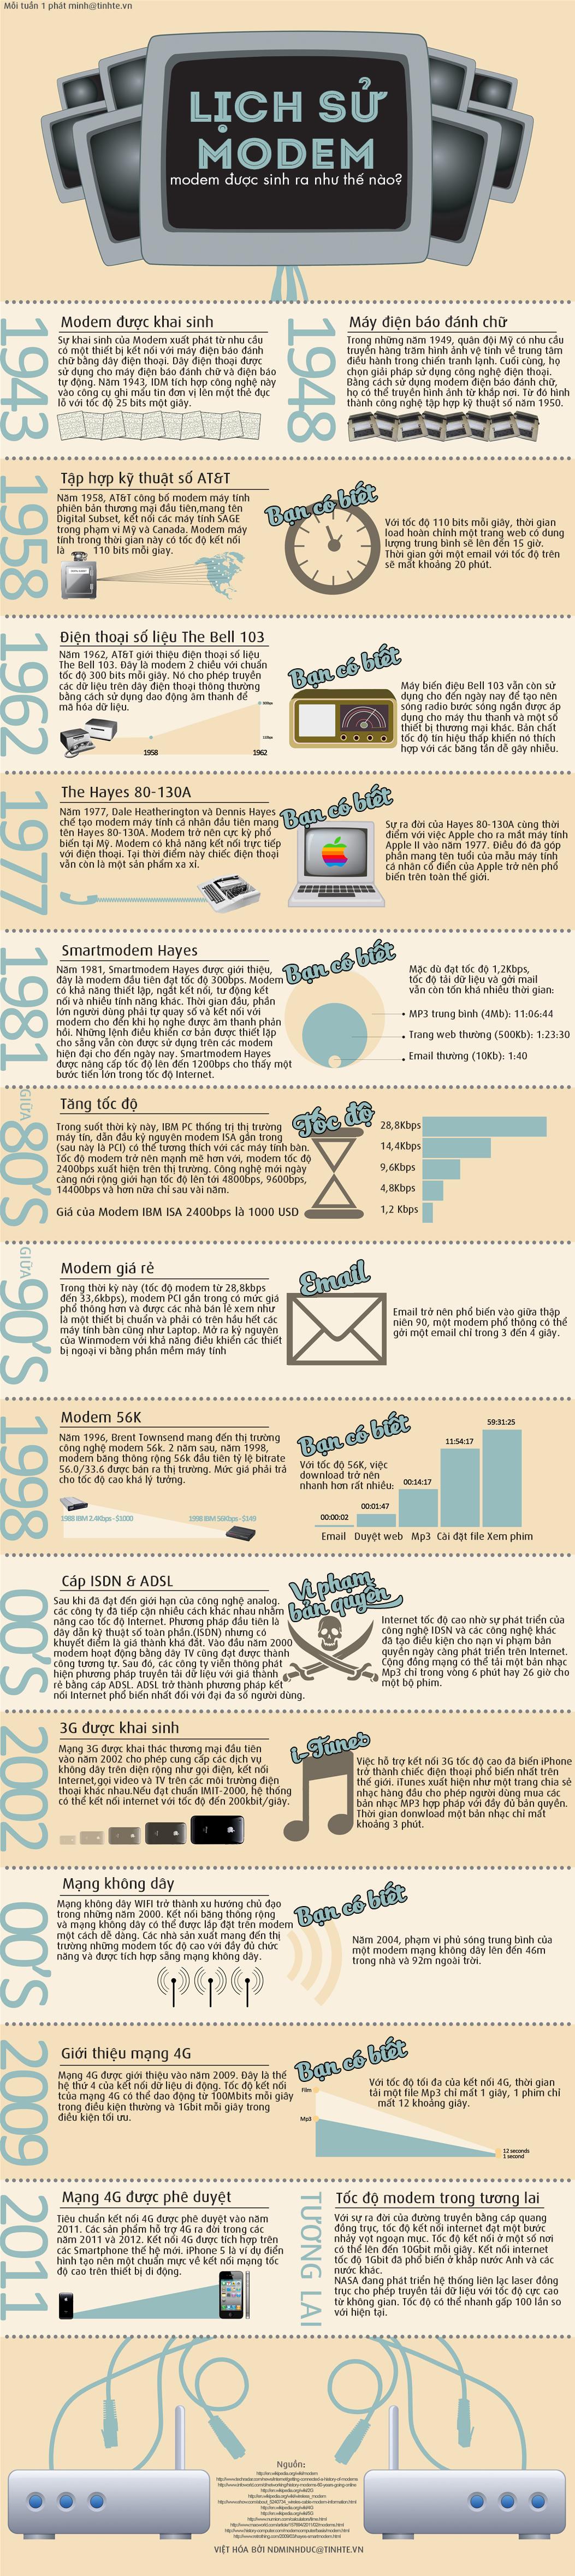 Infographic - Modem và Lịch sử phát triển của Modem